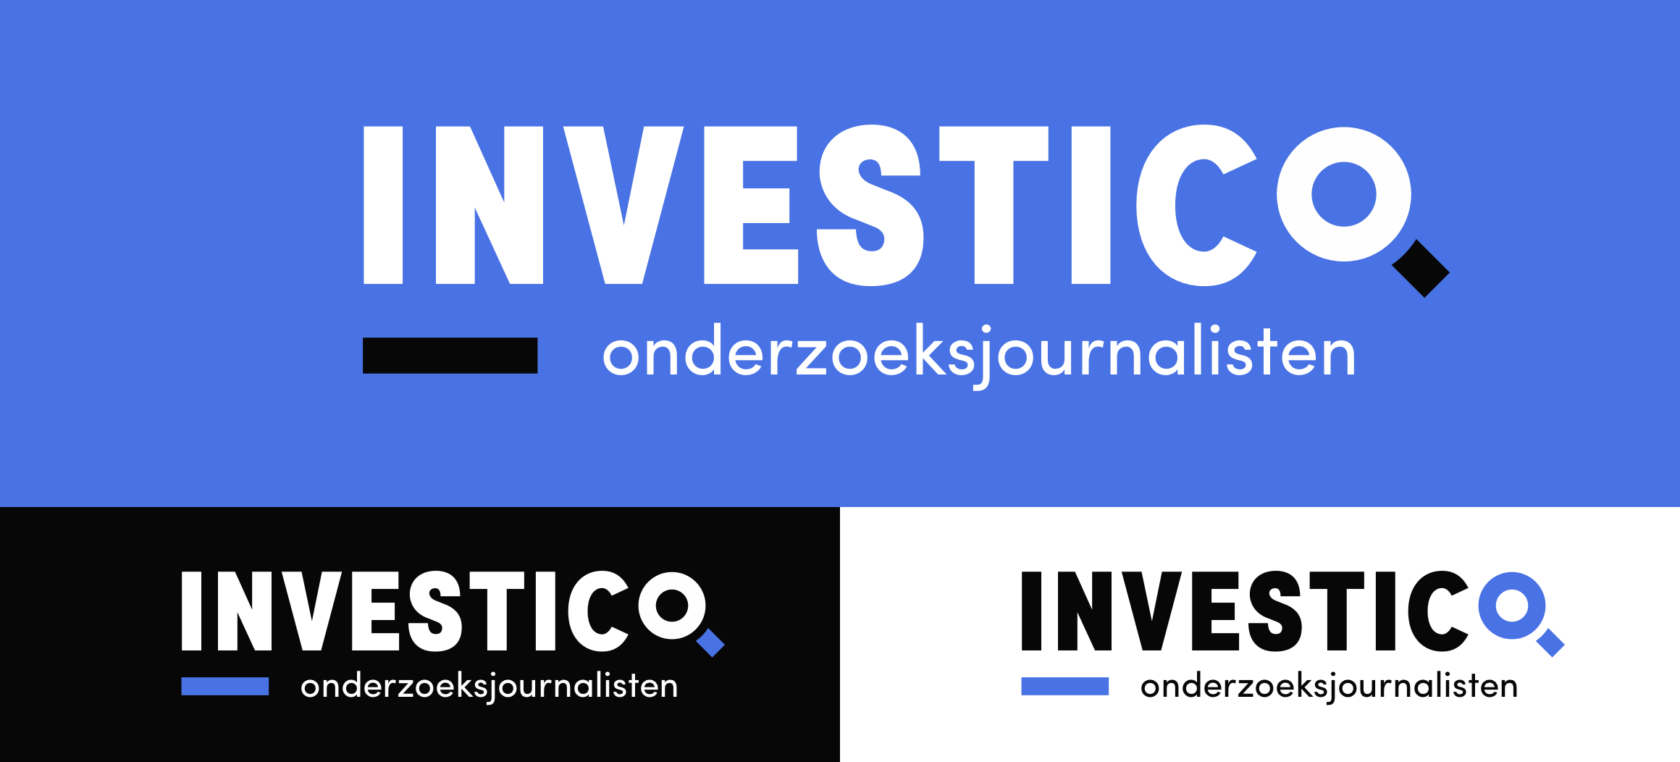 20170816-investico-snippet-11602